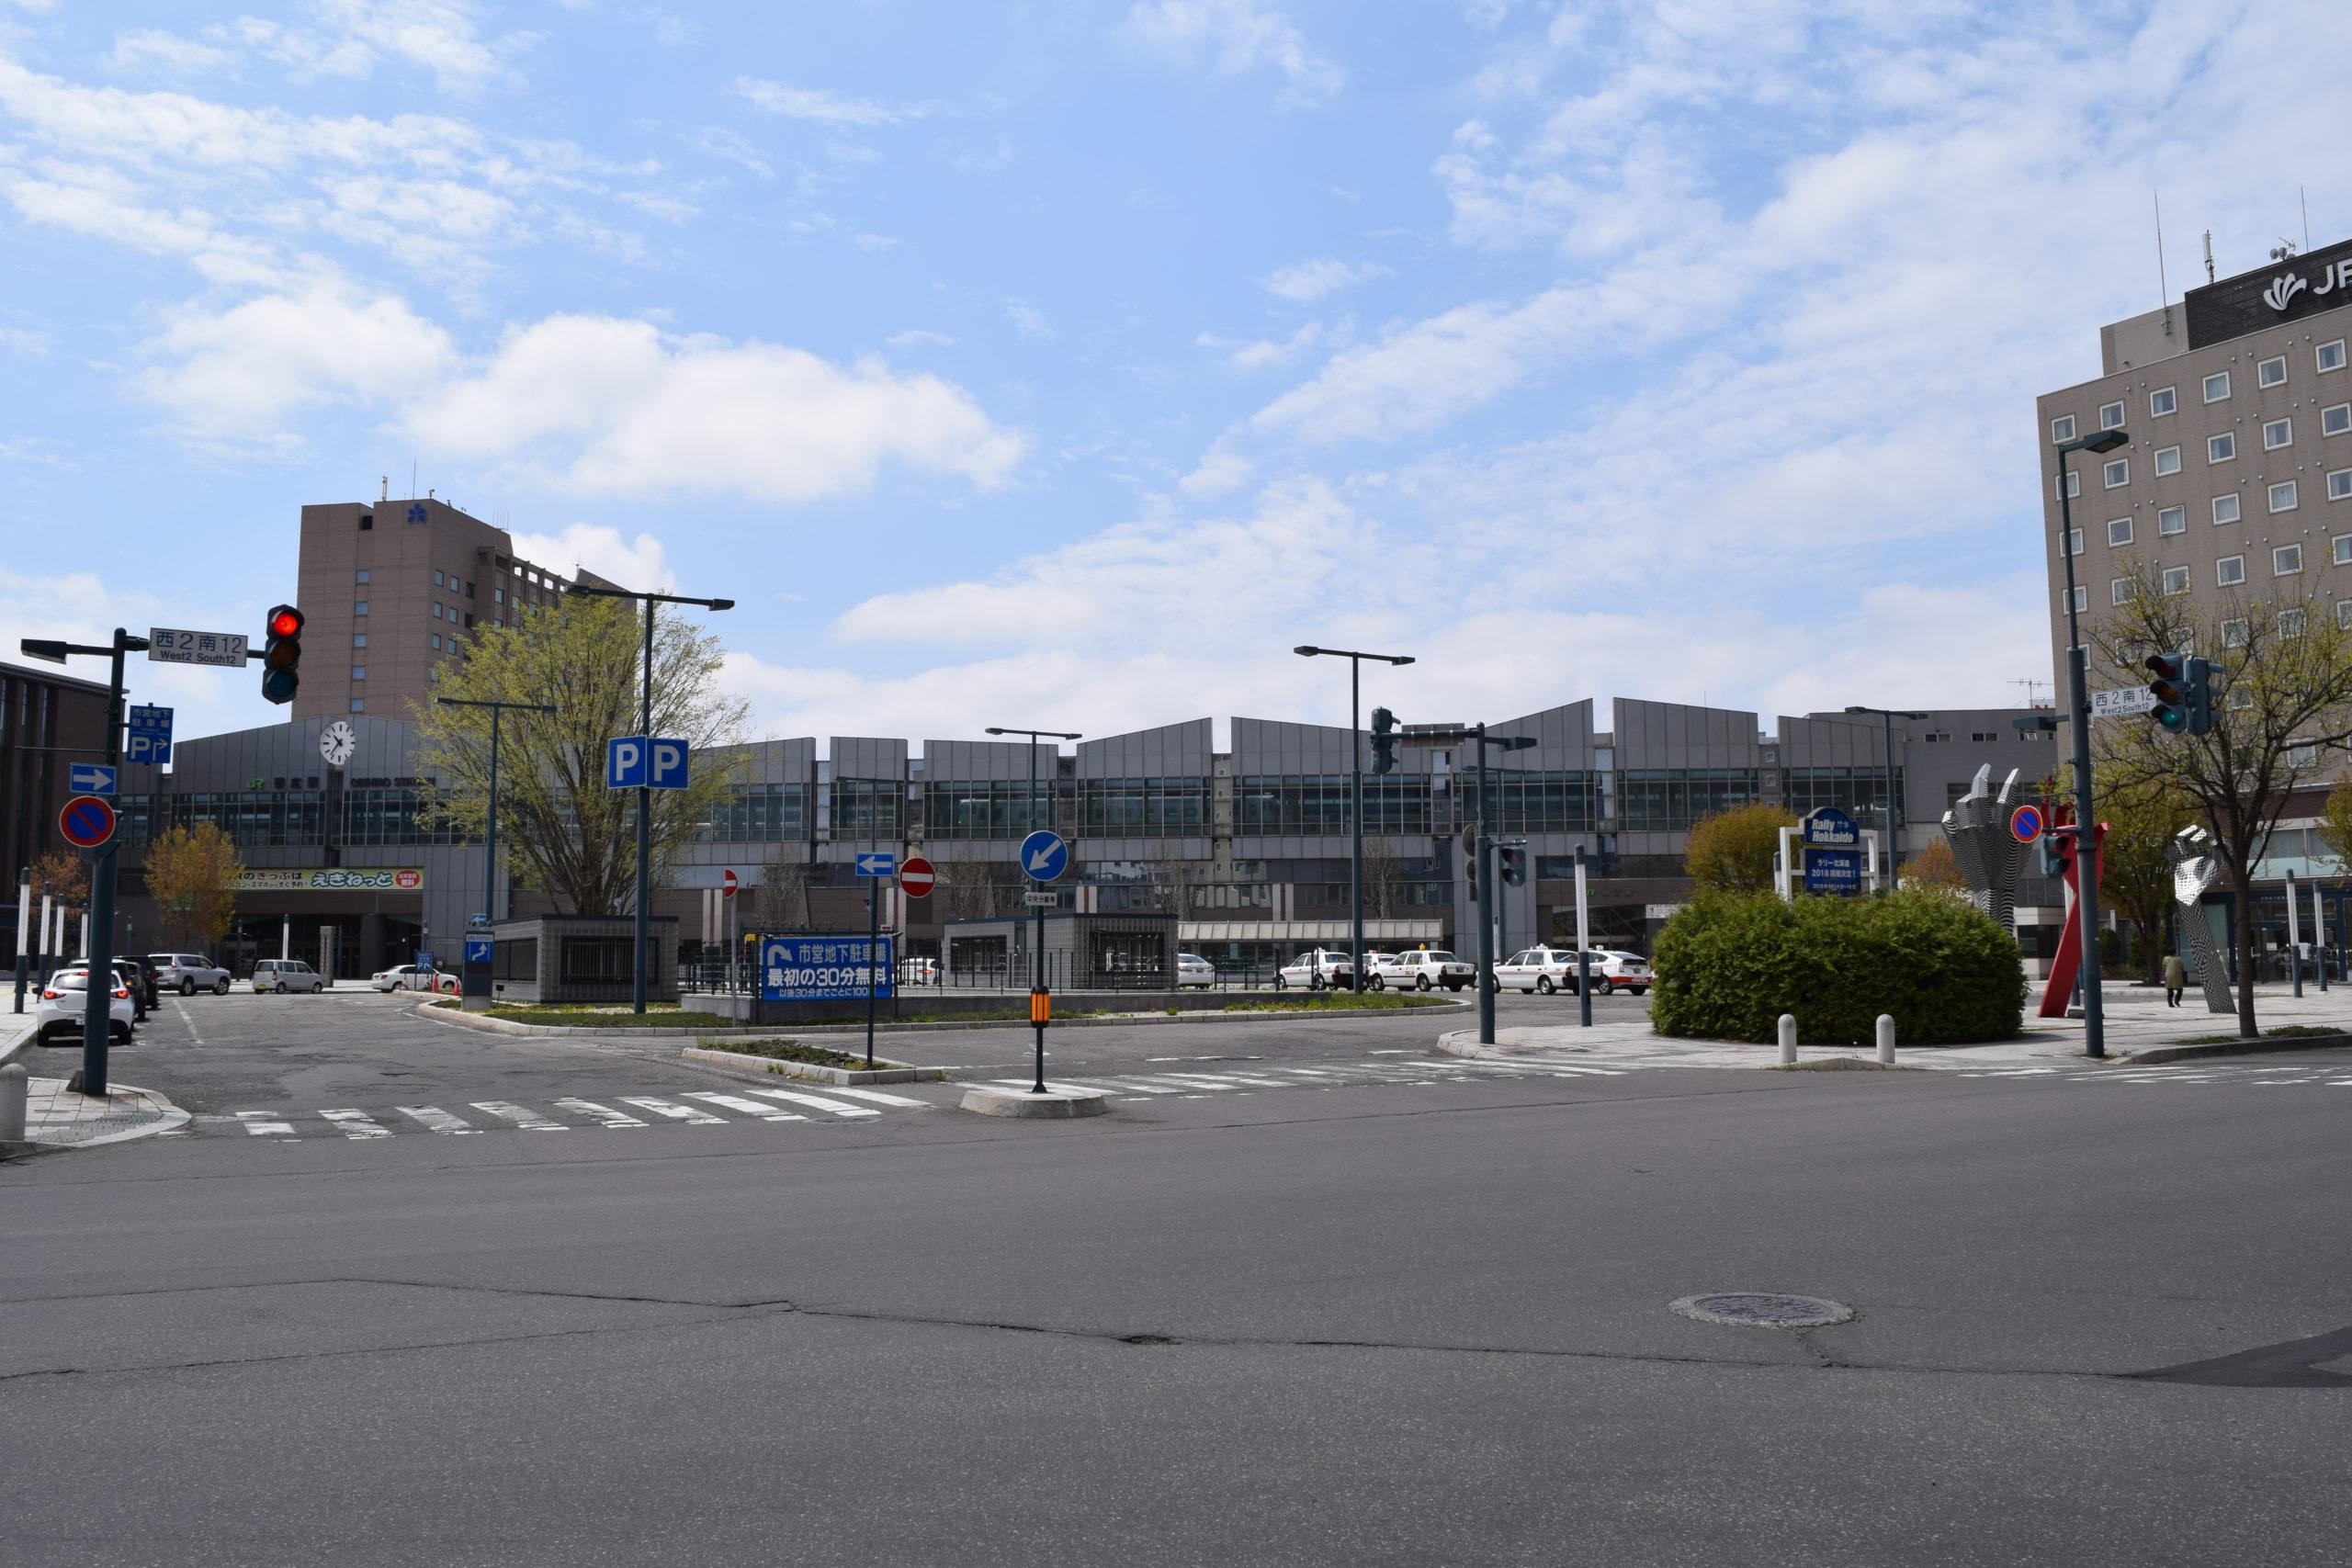 JR帯広駅の周辺地図・構内図